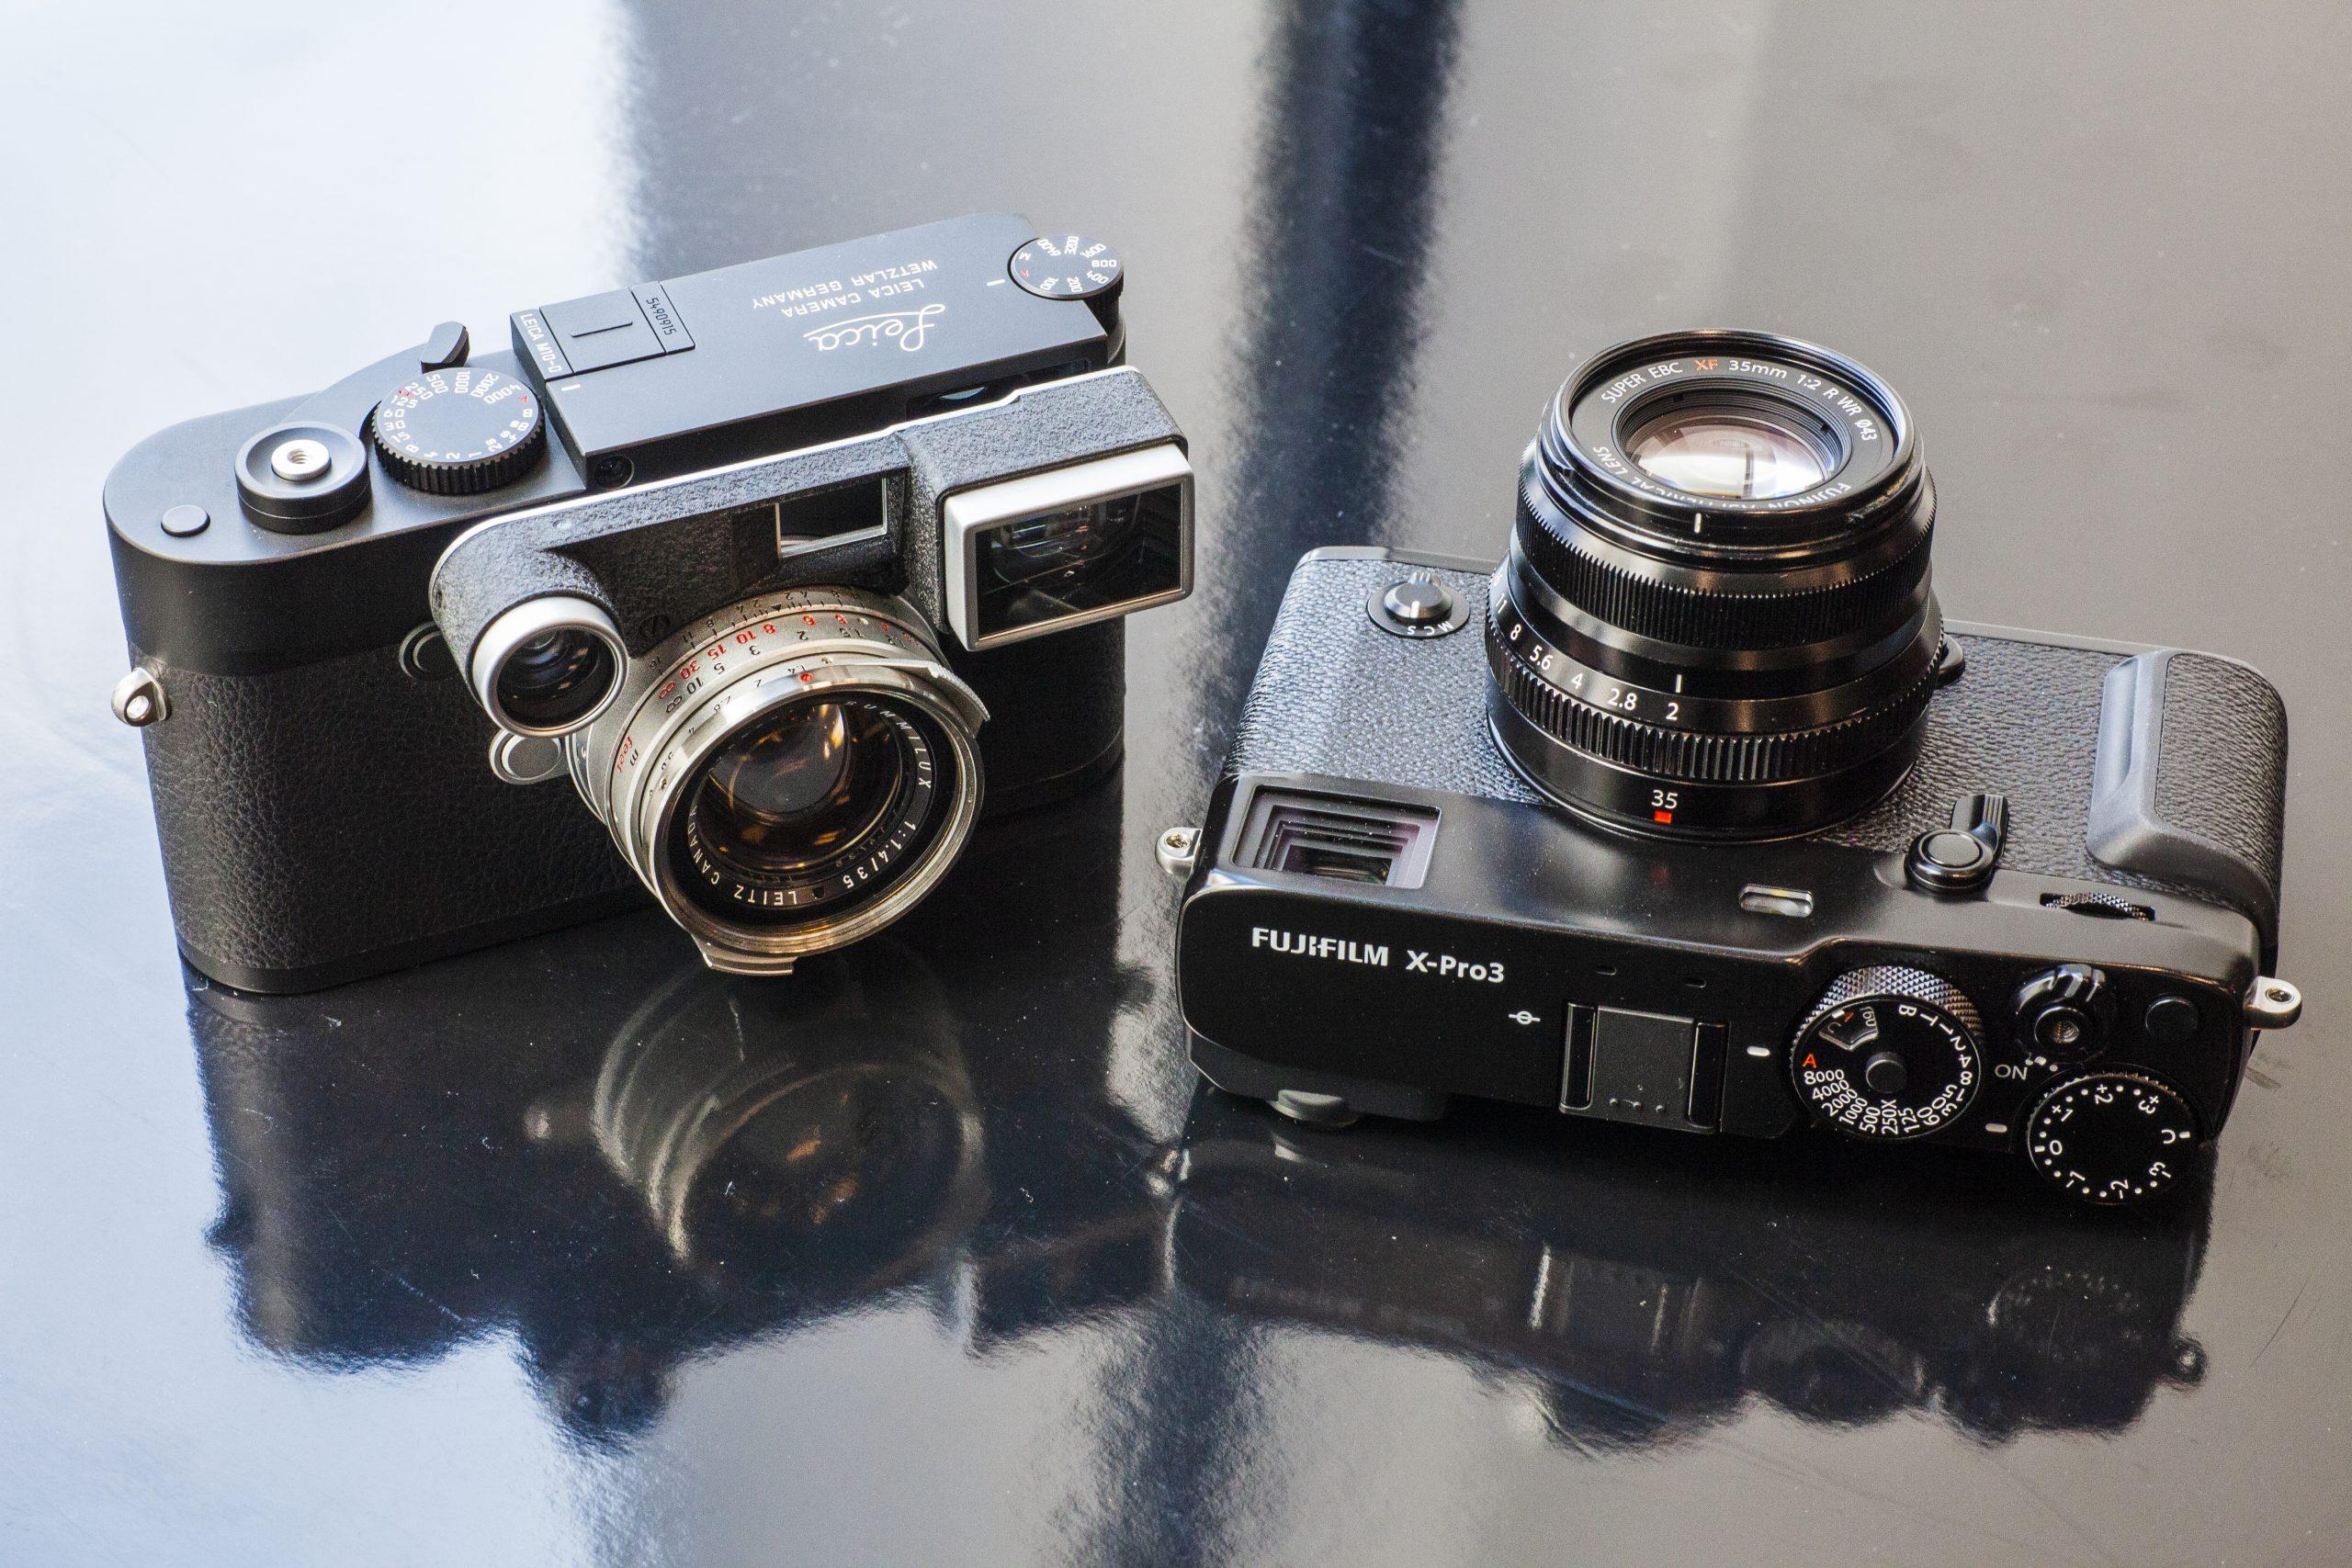 【おいしいカメラ#001】LEICA M10-D と FUJIFILM X-PRO3